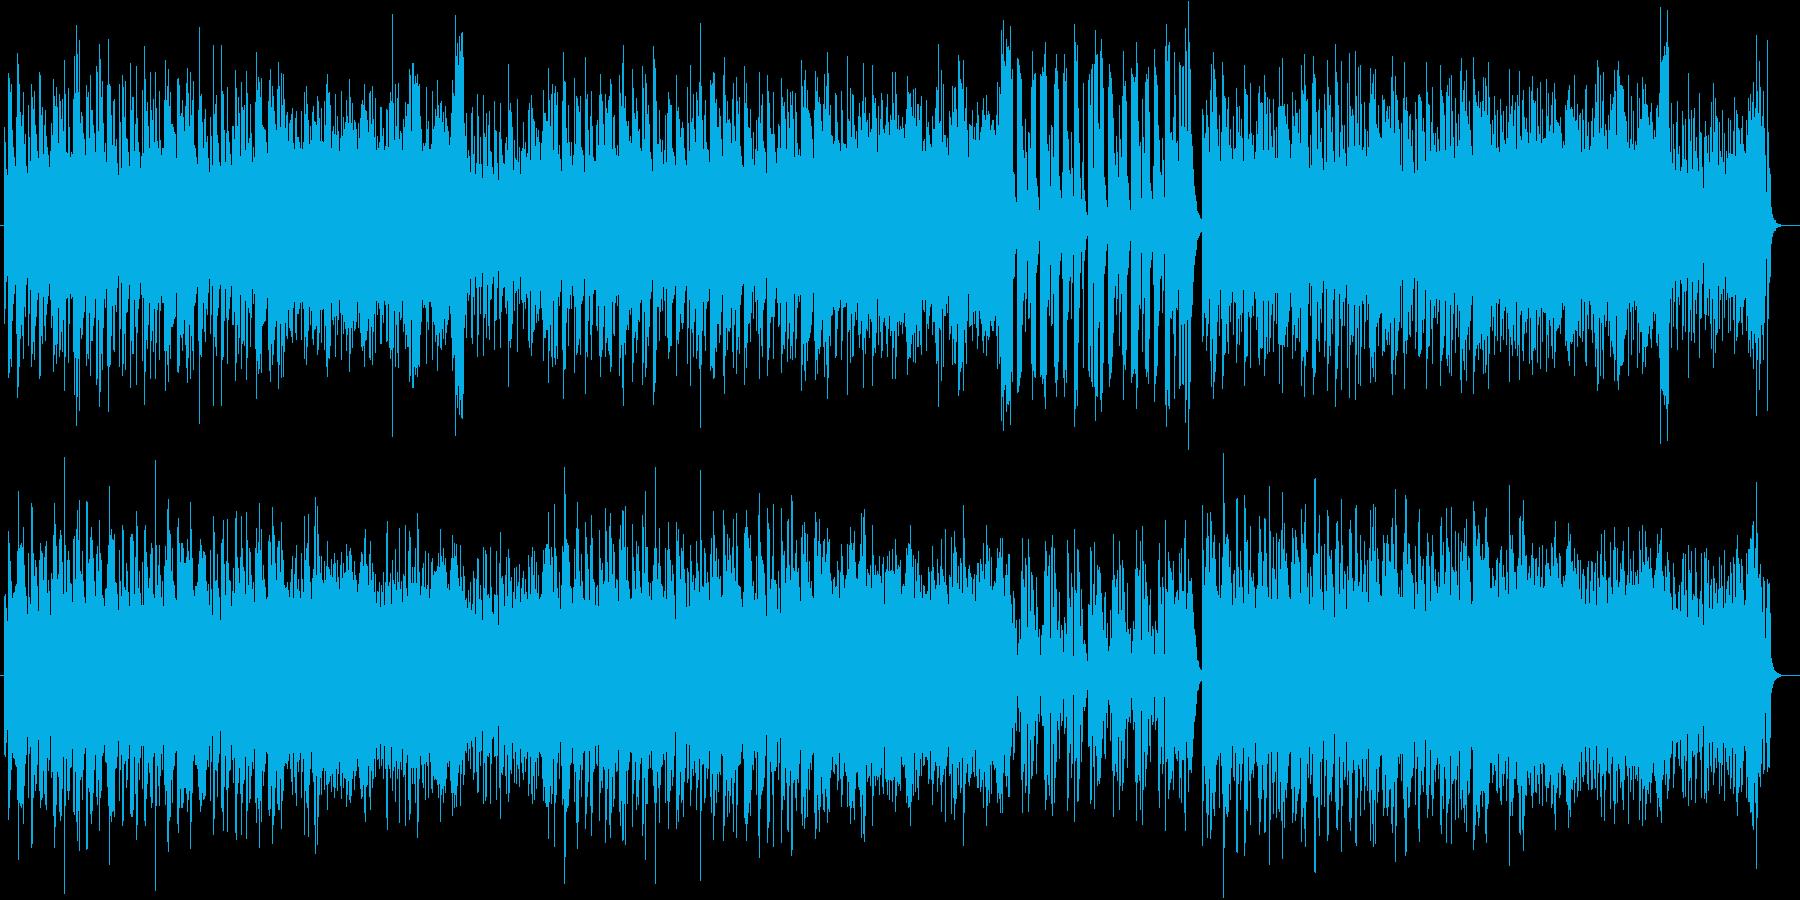 お洒落な雰囲気のシンセサイザー楽曲の再生済みの波形